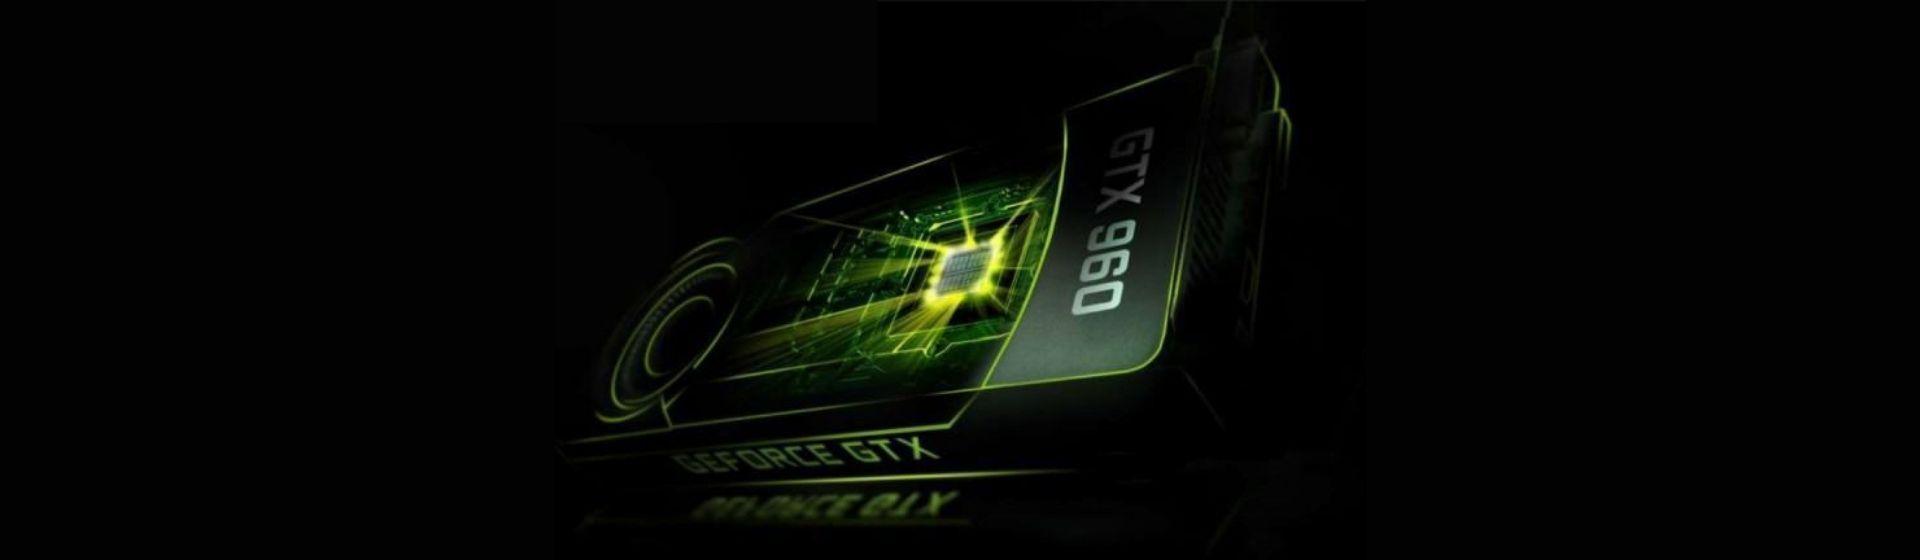 GeForce GTX 960 vale a pena em 2021? Confira a análise da placa